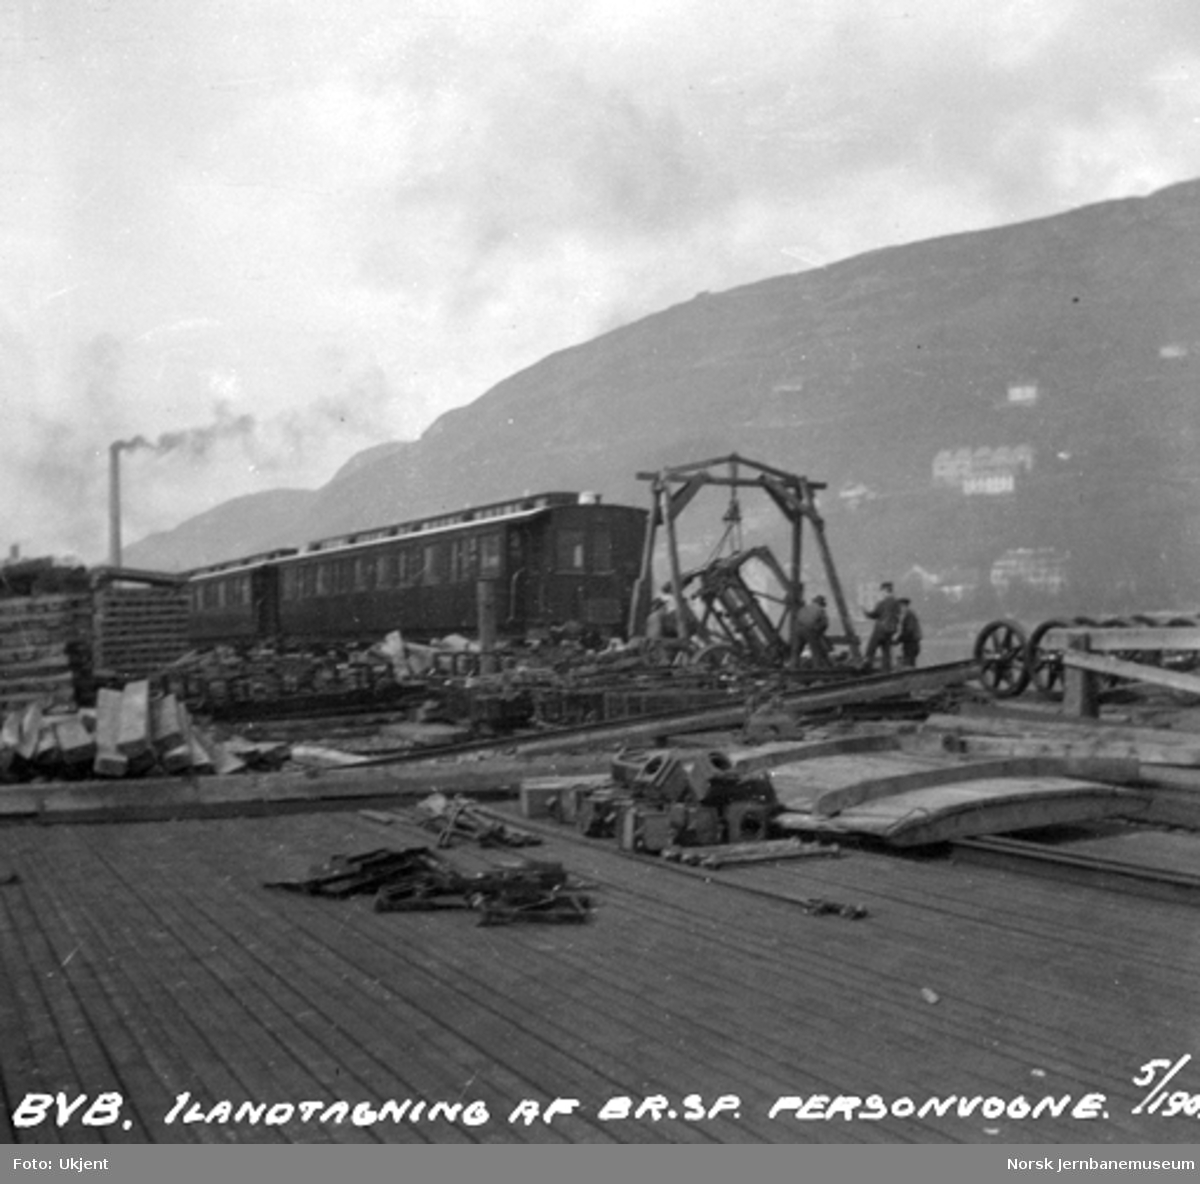 Ilandtaking av normalspormateriell til Bergensbanen : personvogner